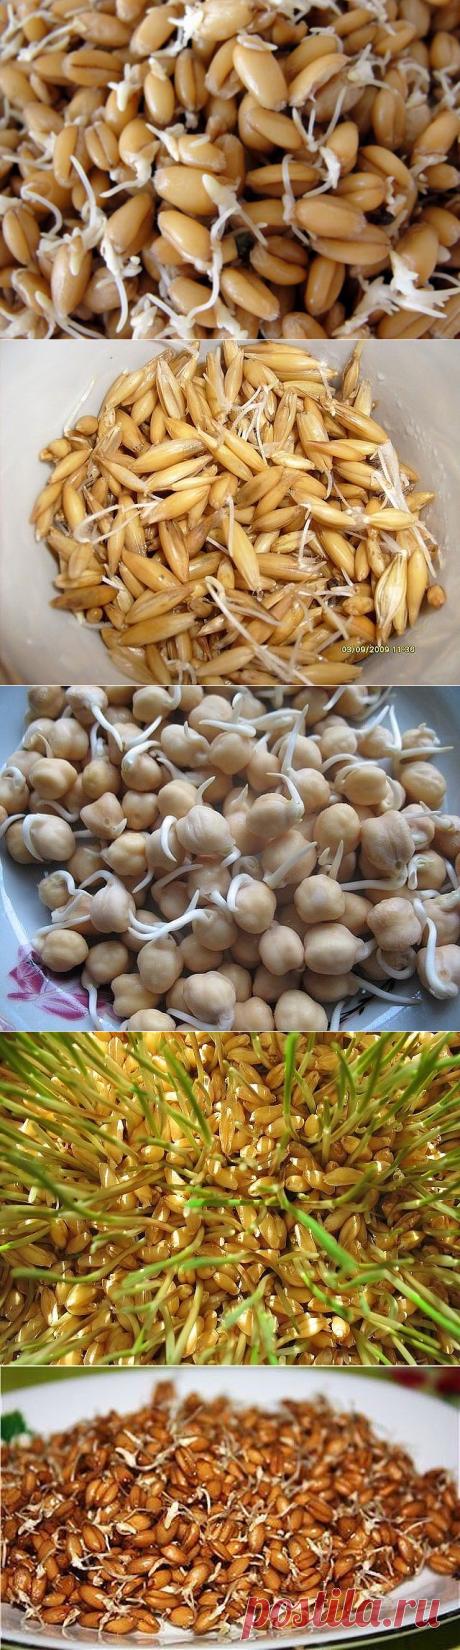 Проростки зерновых для здоровья